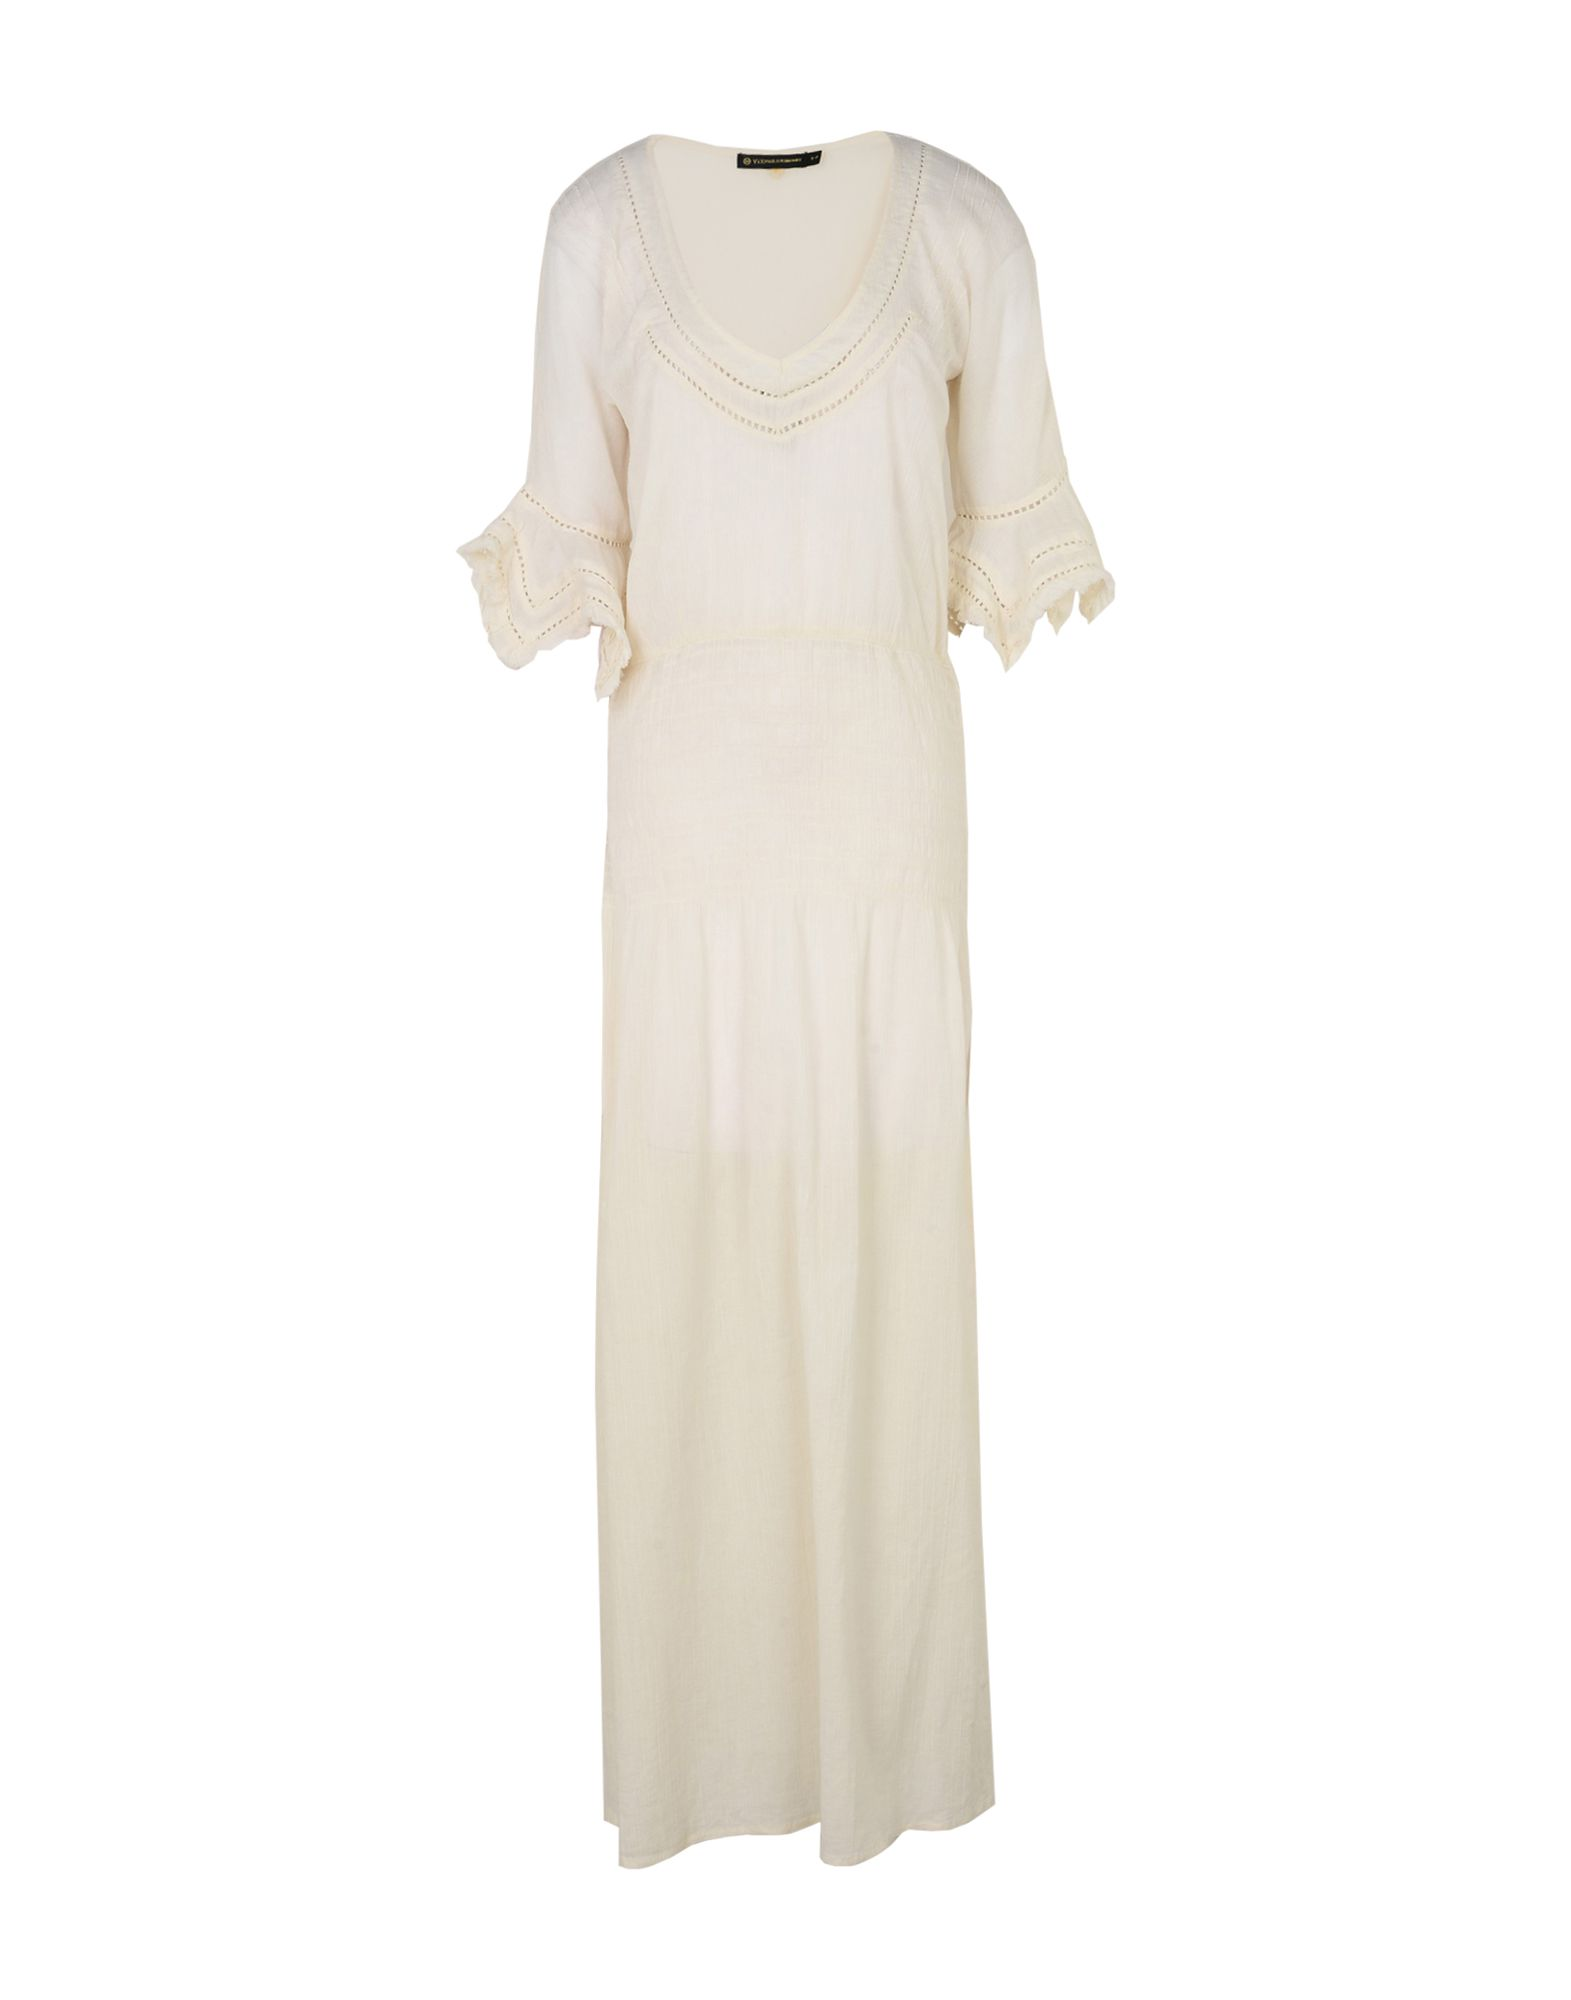 《送料無料》VIX PAULA HERMANNY レディース ロングワンピース&ドレス アイボリー S コットン 100%